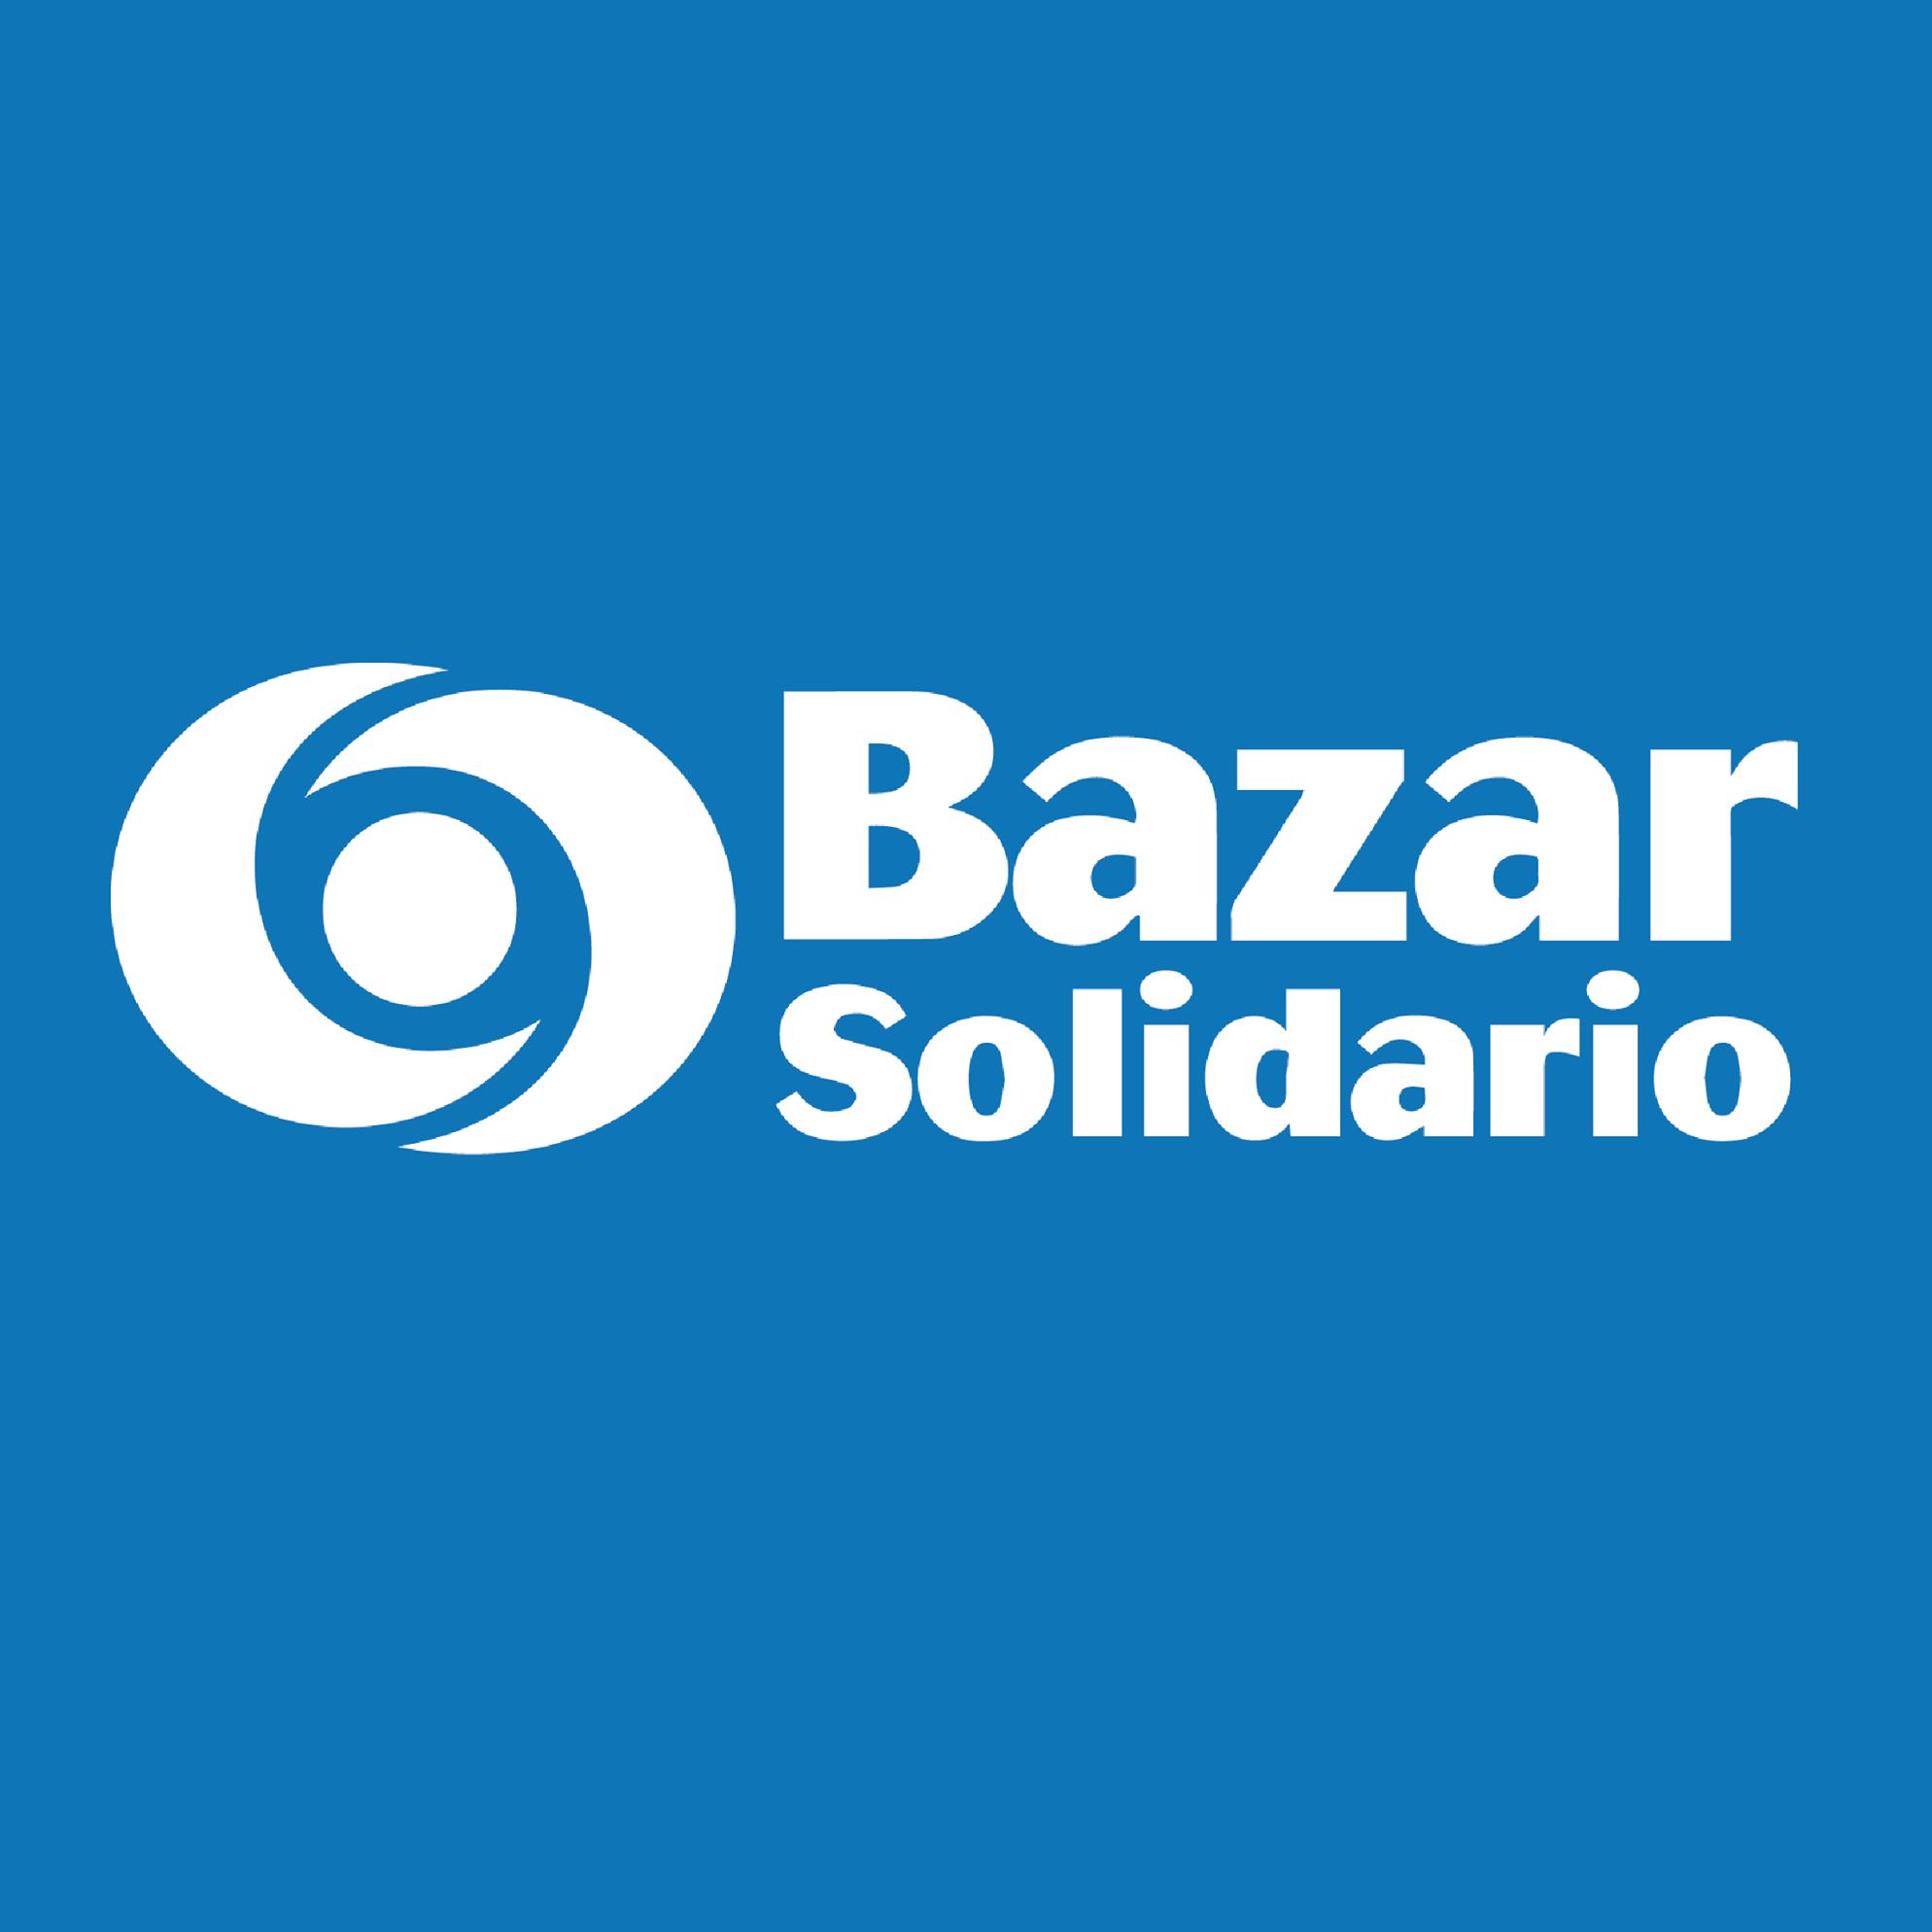 Bazar Solidario IAP, le da una nueva vida a lo que ya no se usa